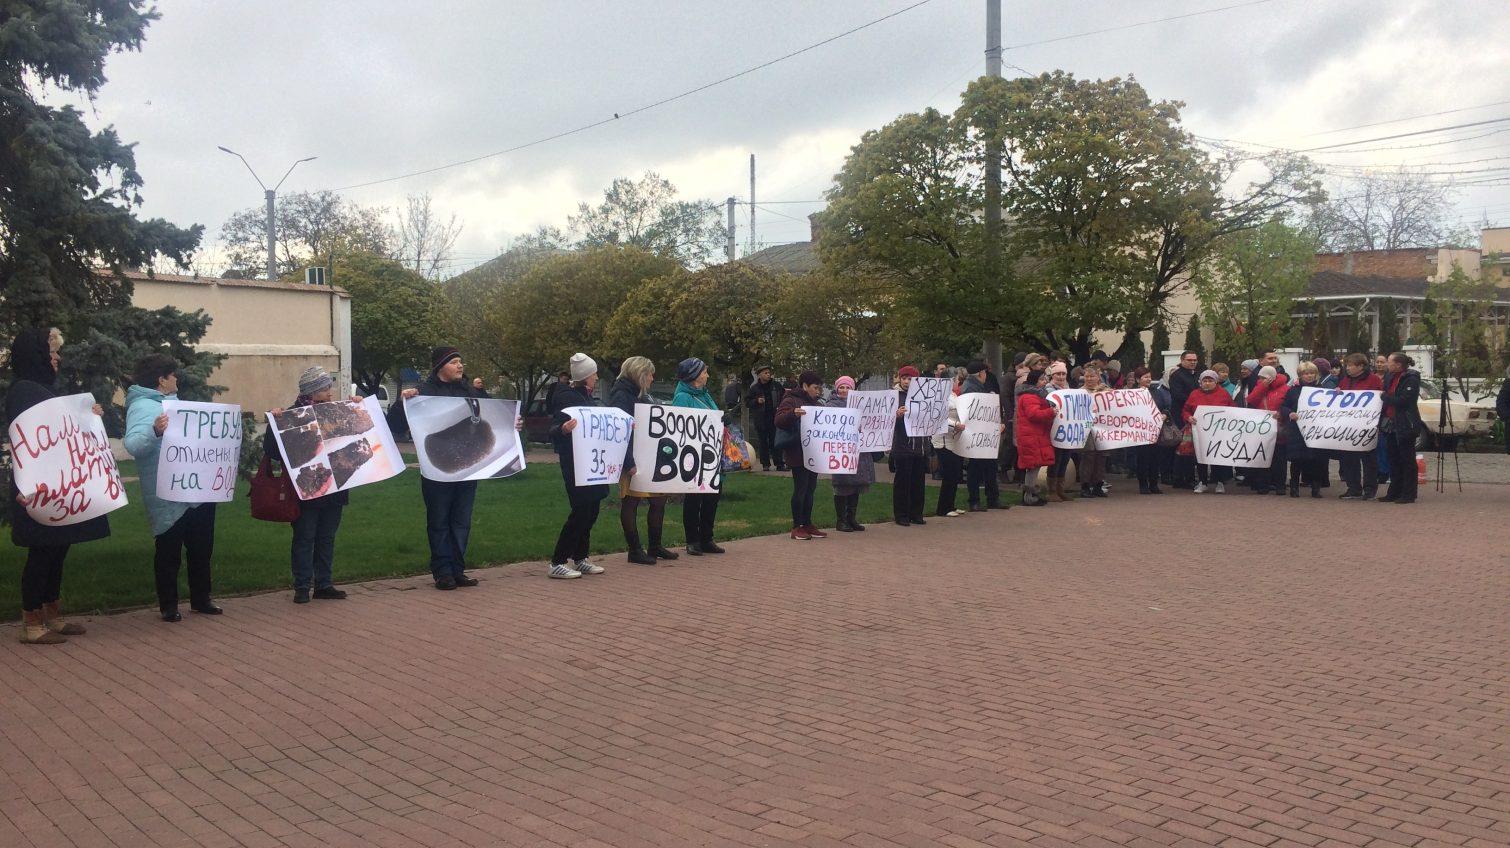 У мэрии Аккермана митингуют за снижение тарифов на воду: одесские активисты пытаются мешать (фото, видео) ОБНОВЛЕНО «фото»